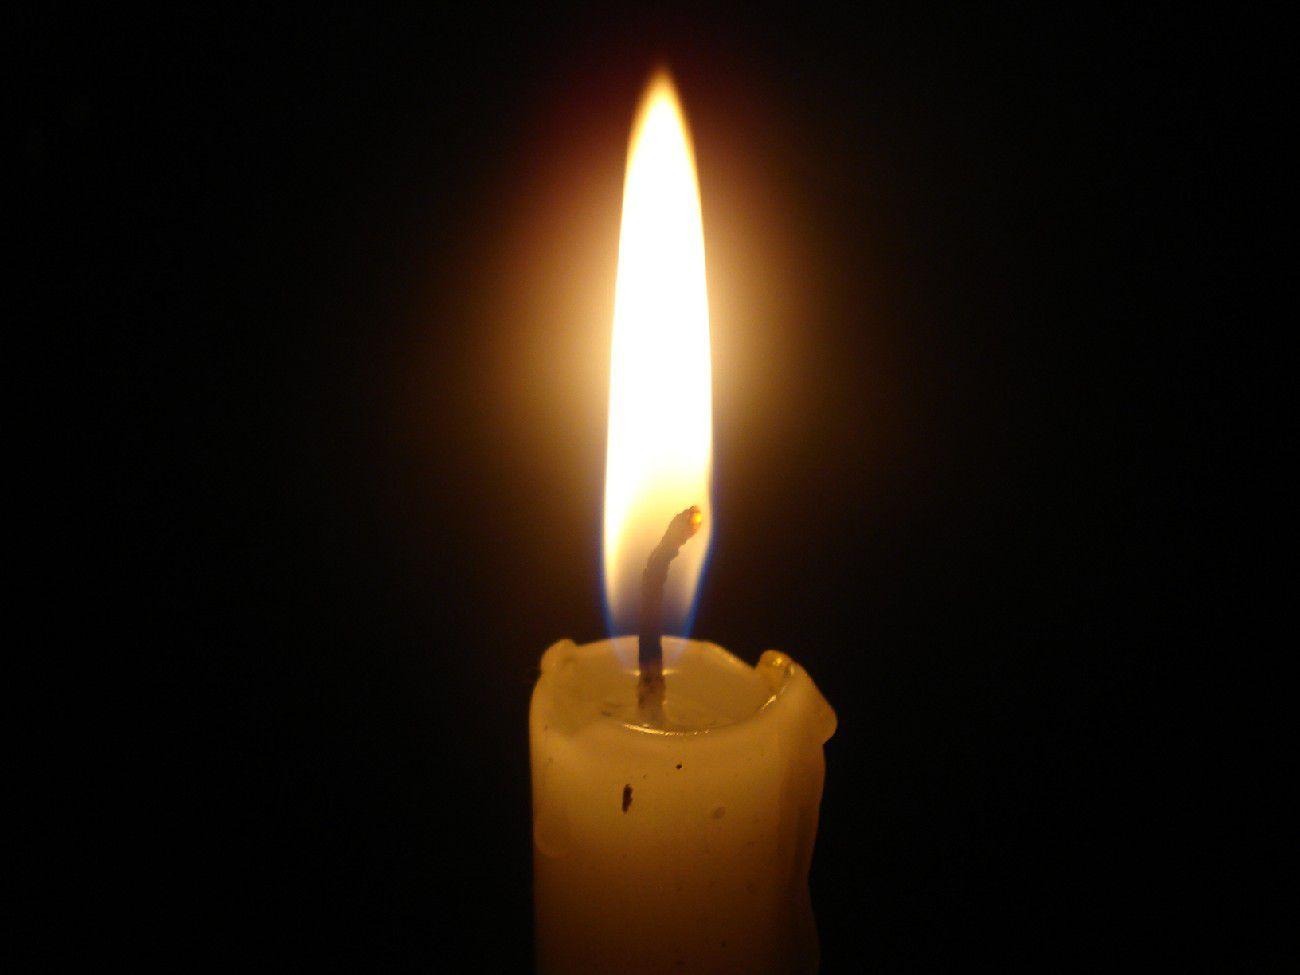 Чиновники простятся с коллегой погибшем в автокатастрофе